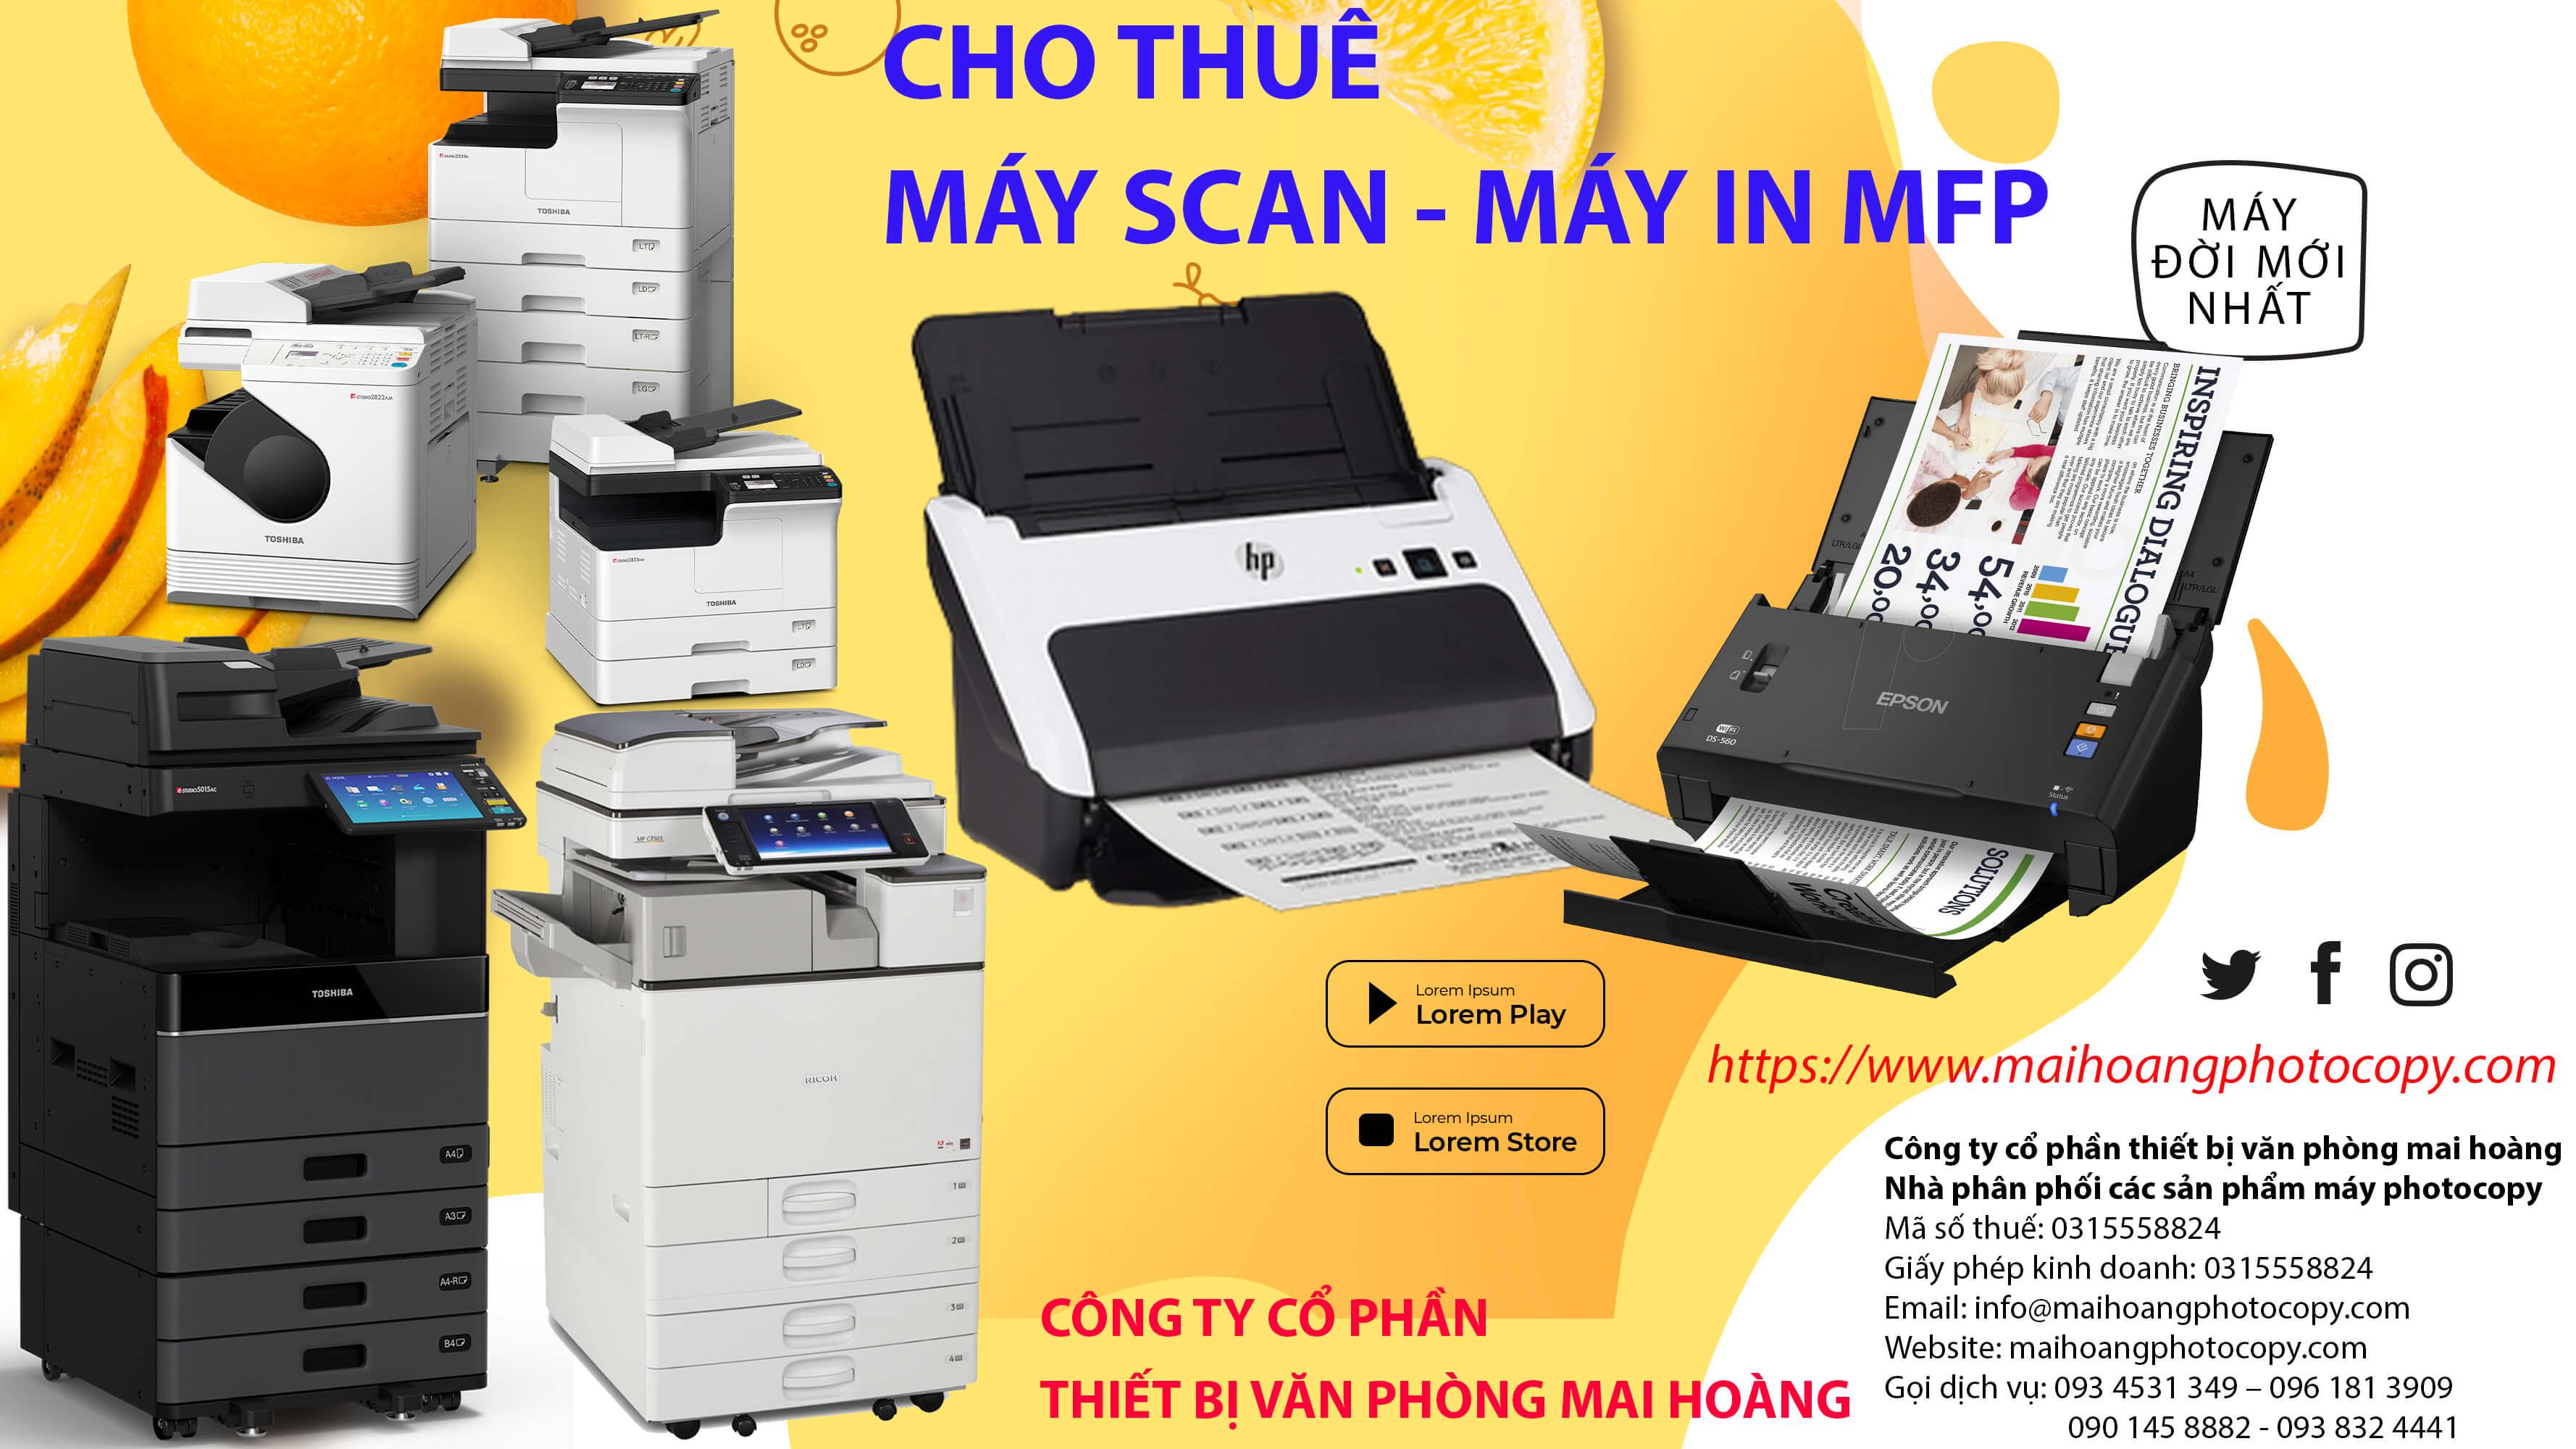 cho thuê máy scan tài liệu Có tất cả các dòng máy mà khách hàng cần thuê - Giúp khách hàng tiết kiệm chi phí đầu tư lớn vào việc mua thêm 1 chiếc máy scan mới - Giúp khách hàng tiết kiệm chi phí nhân lực quản lý máy - Quý khách không phải tốn chi phí sửa chữa, bảo trì, thay thế linh kiện hư hỏng, khi sử dụng, nếu không may xảy ra lỗ